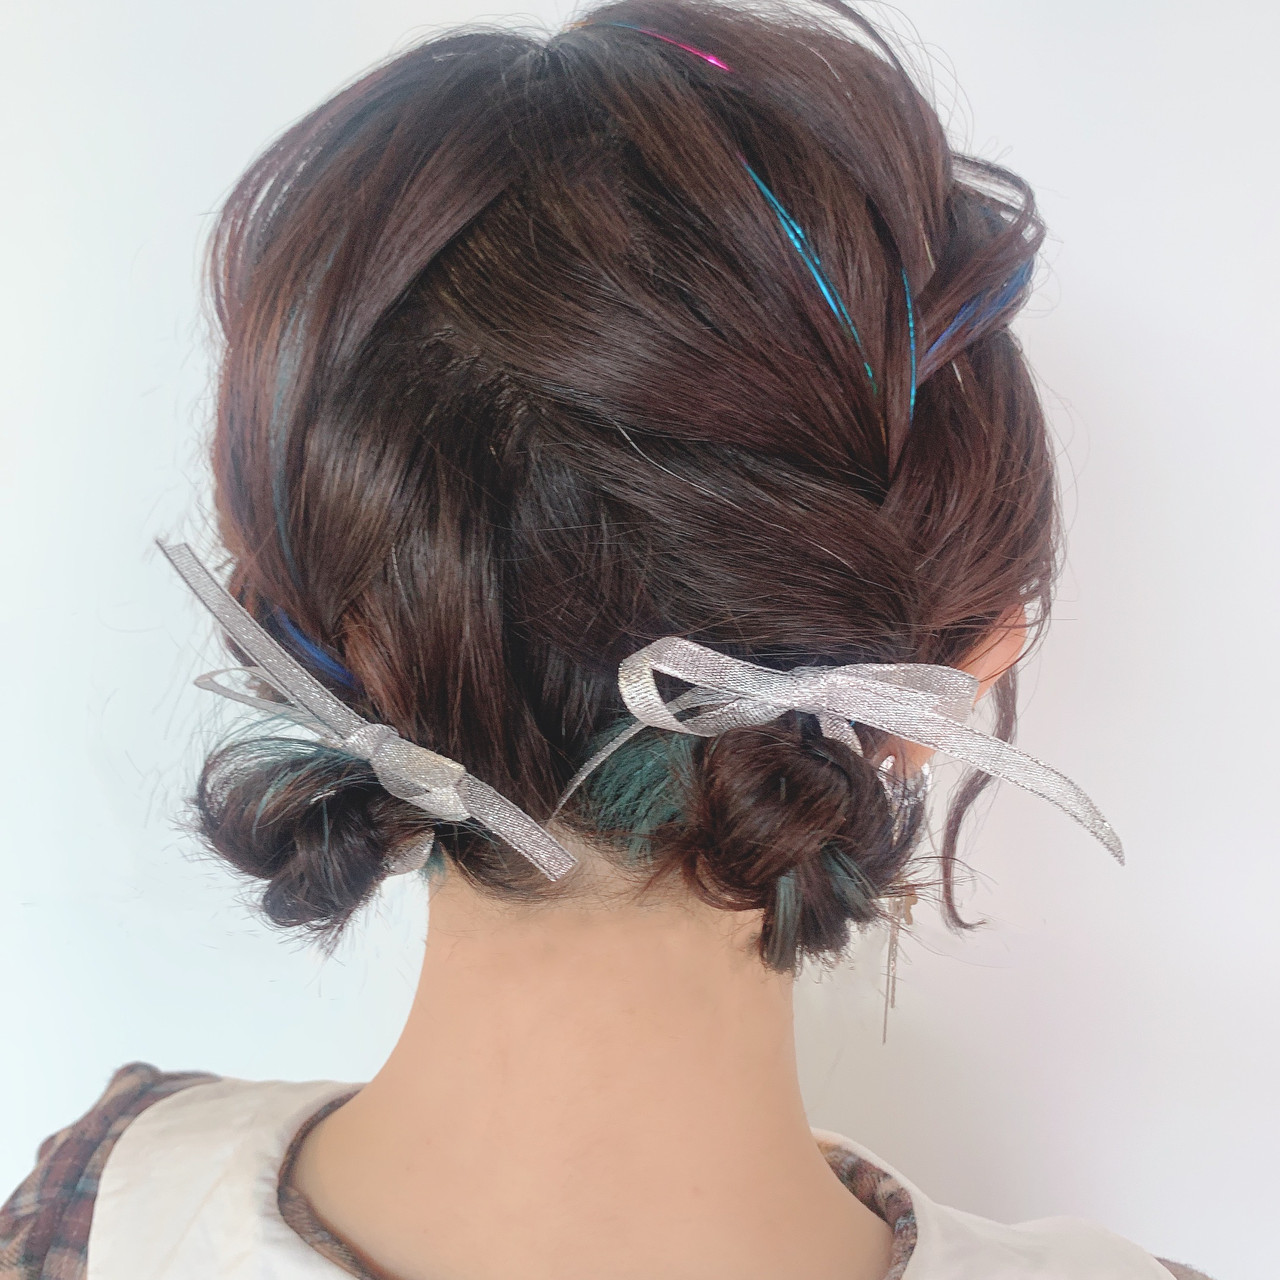 結婚式ヘアアレンジ ヘアアレンジ 簡単ヘアアレンジ デート ヘアスタイルや髪型の写真・画像 | 川原梨央 / モリオフロムロンドン